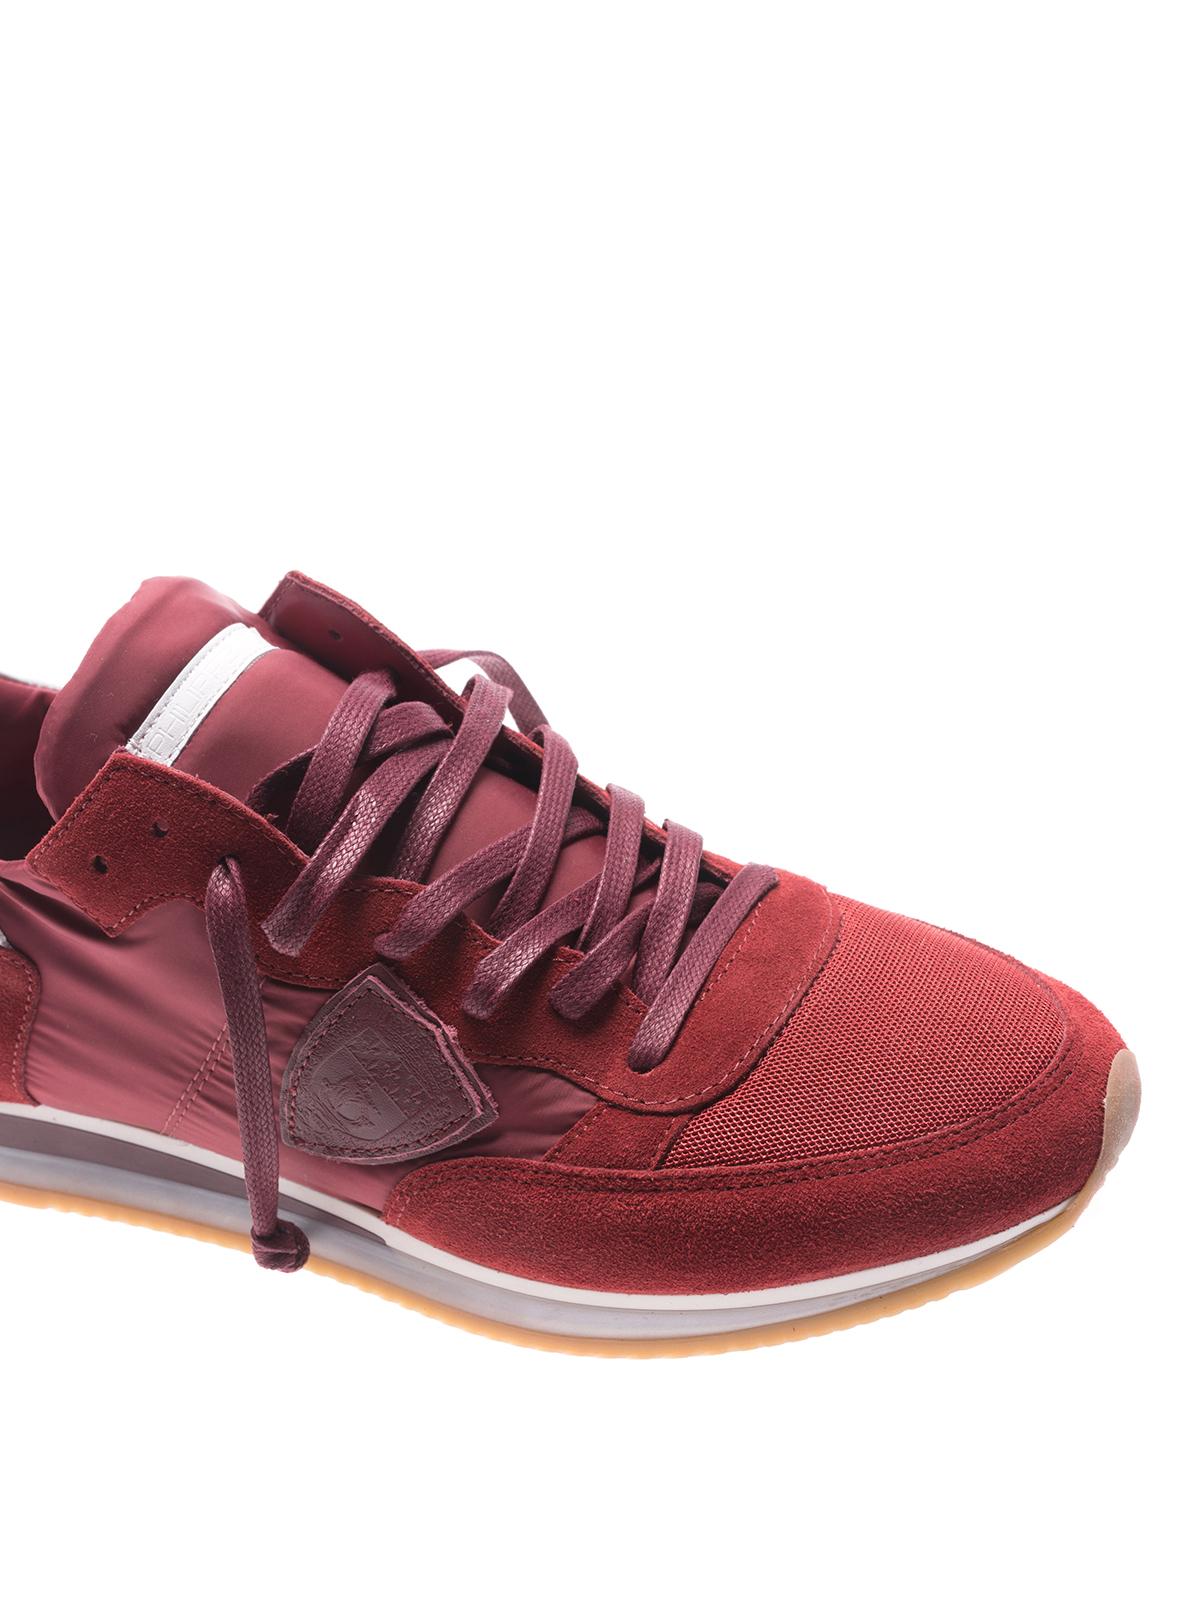 iKRIX PHILIPPE MODEL  sneakers - Sneaker basse Tropez Mondial rosse ccd63a69d65